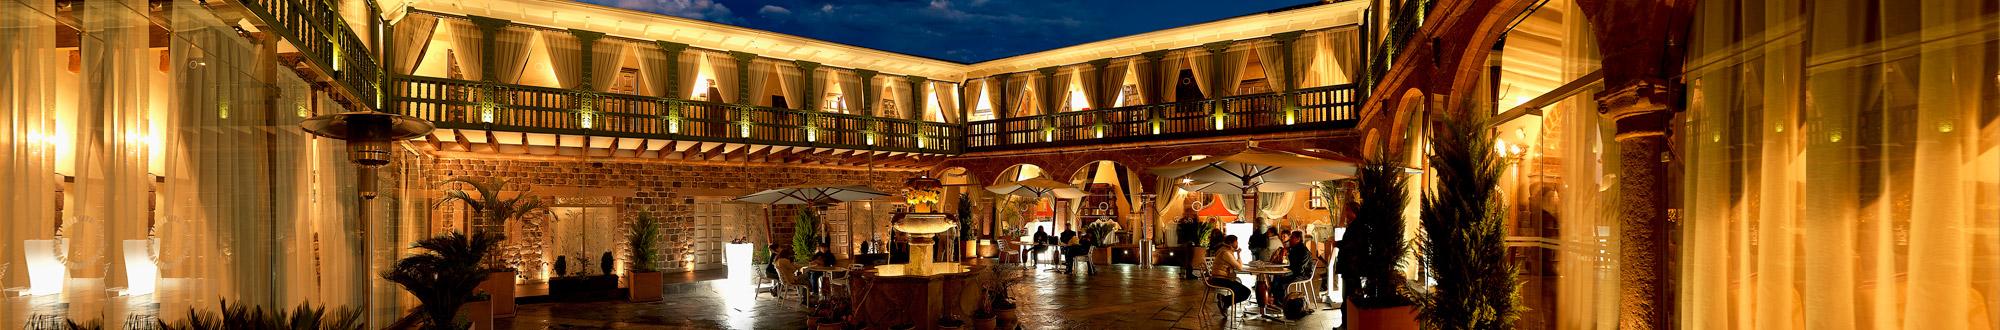 Hotel_Aranwa 1